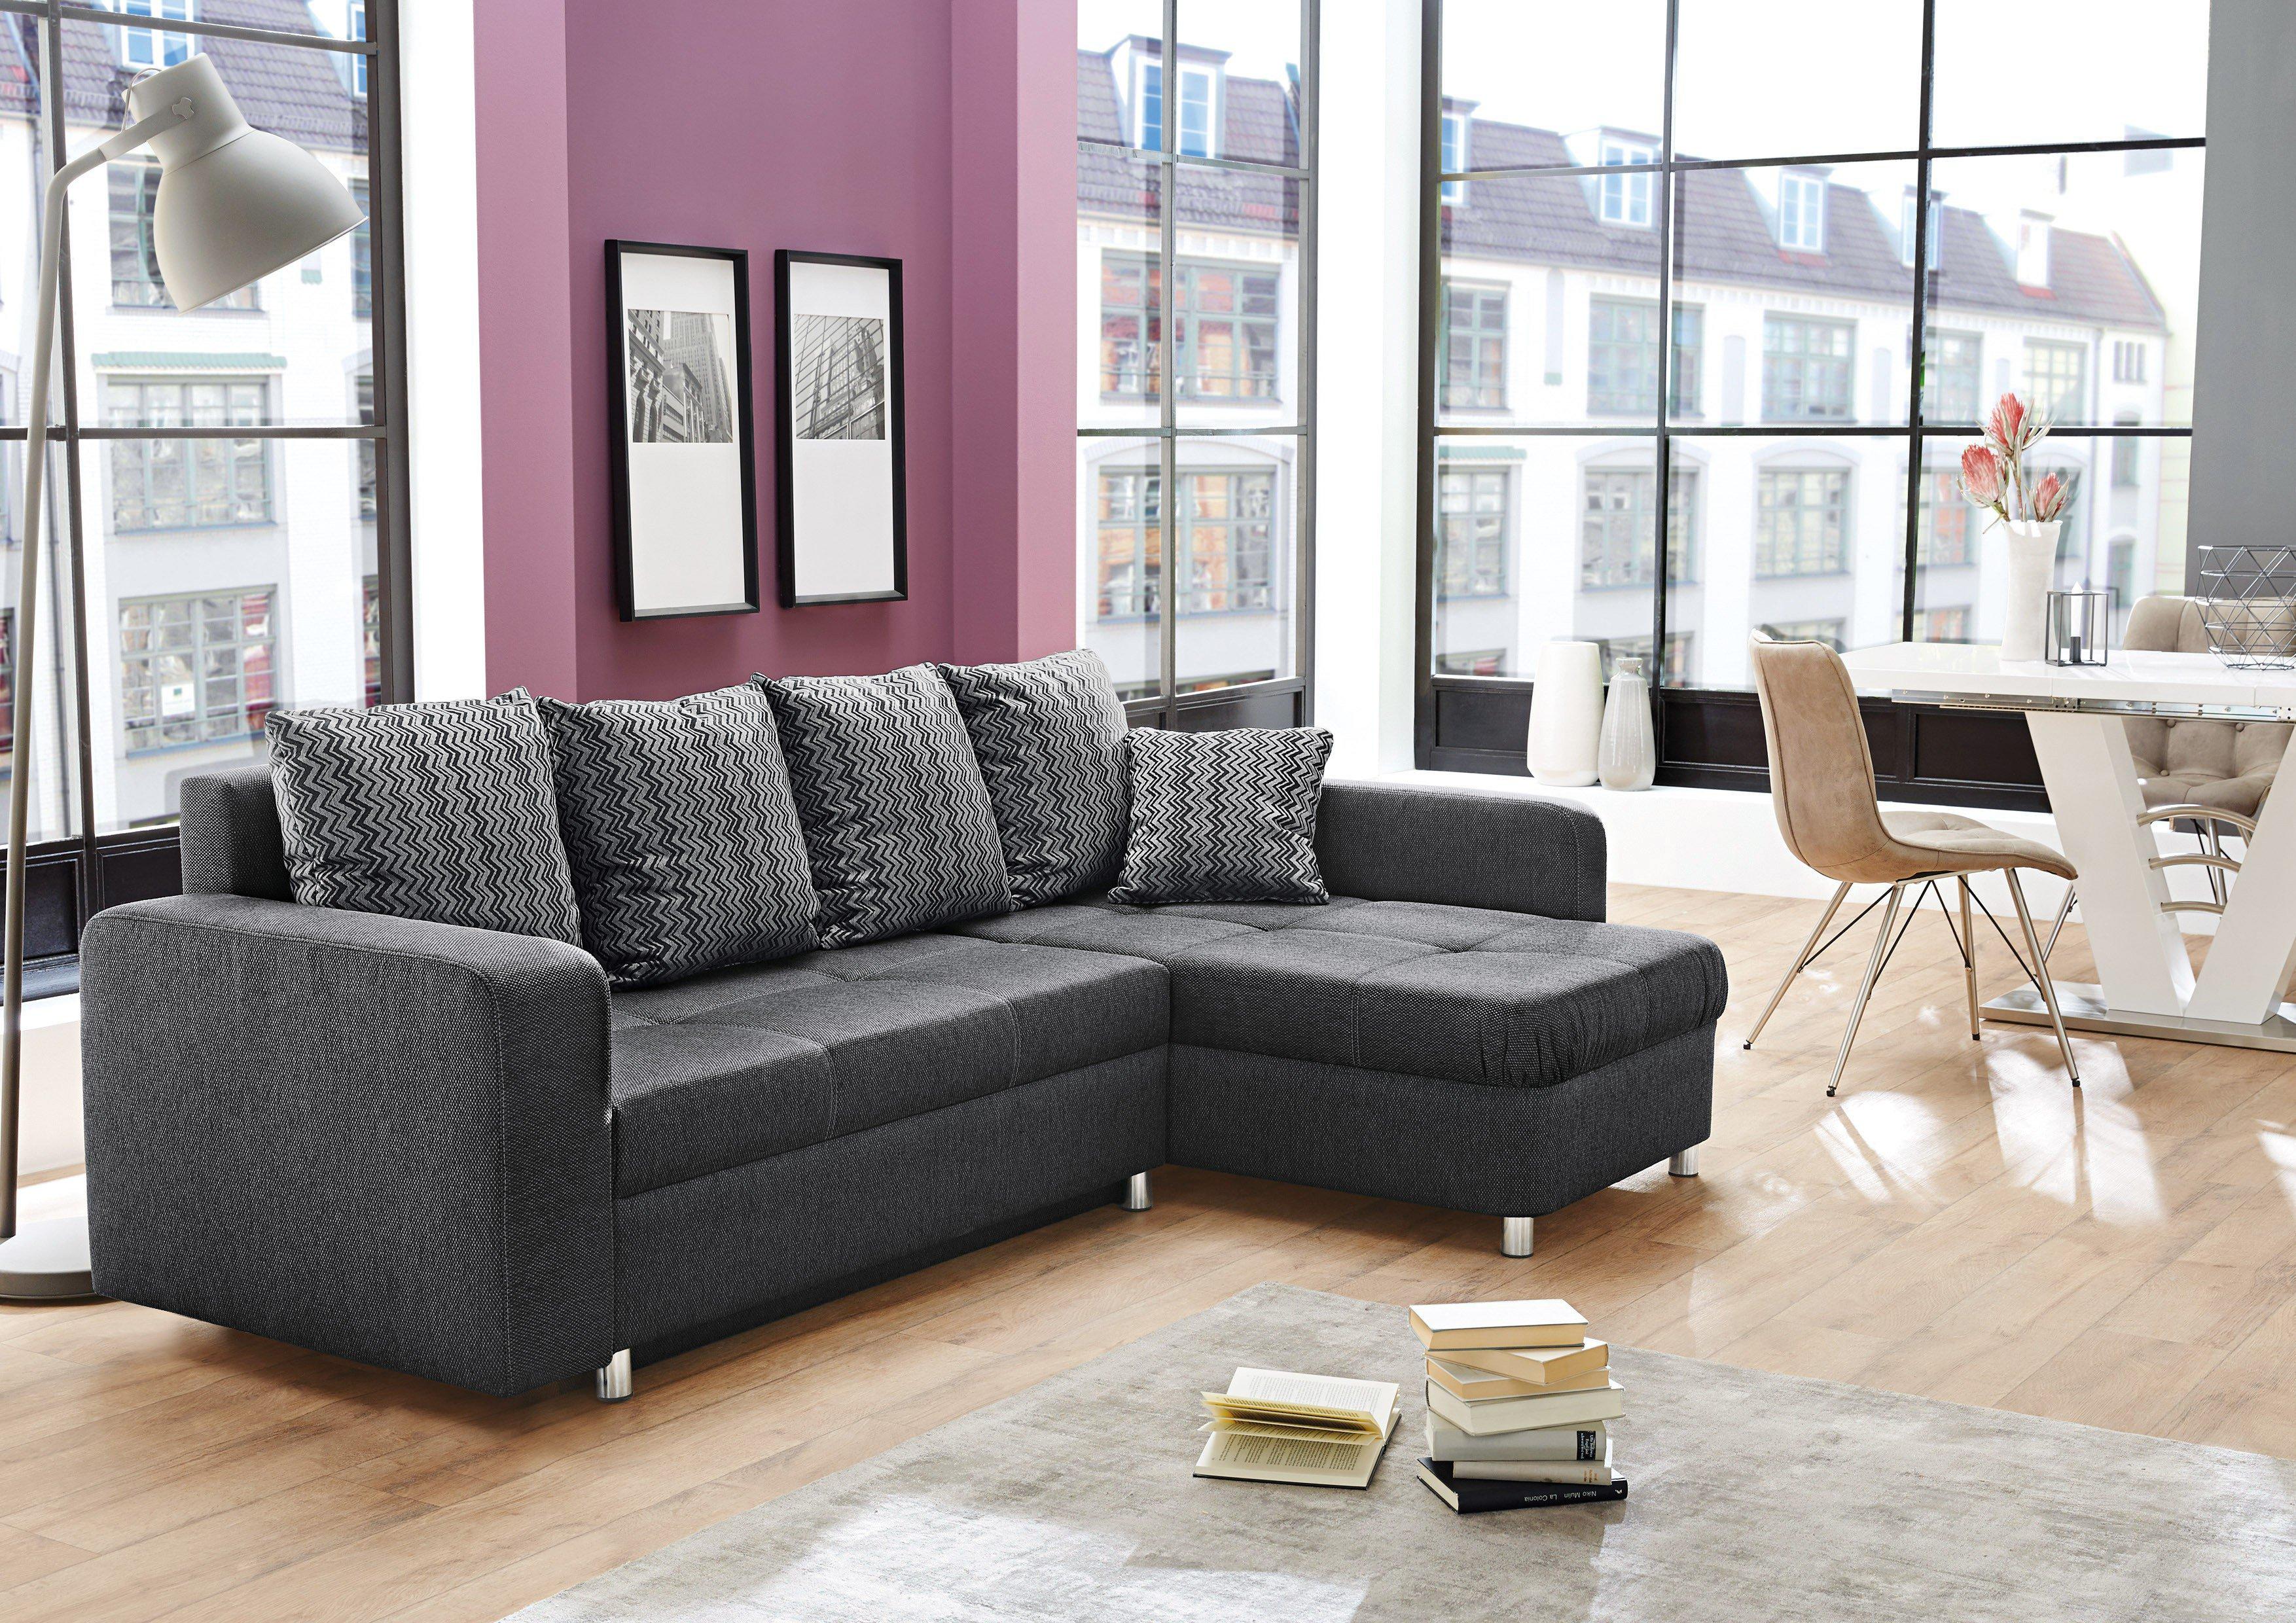 jockenh fer lyon ecksofa schwarz m bel letz ihr online shop. Black Bedroom Furniture Sets. Home Design Ideas